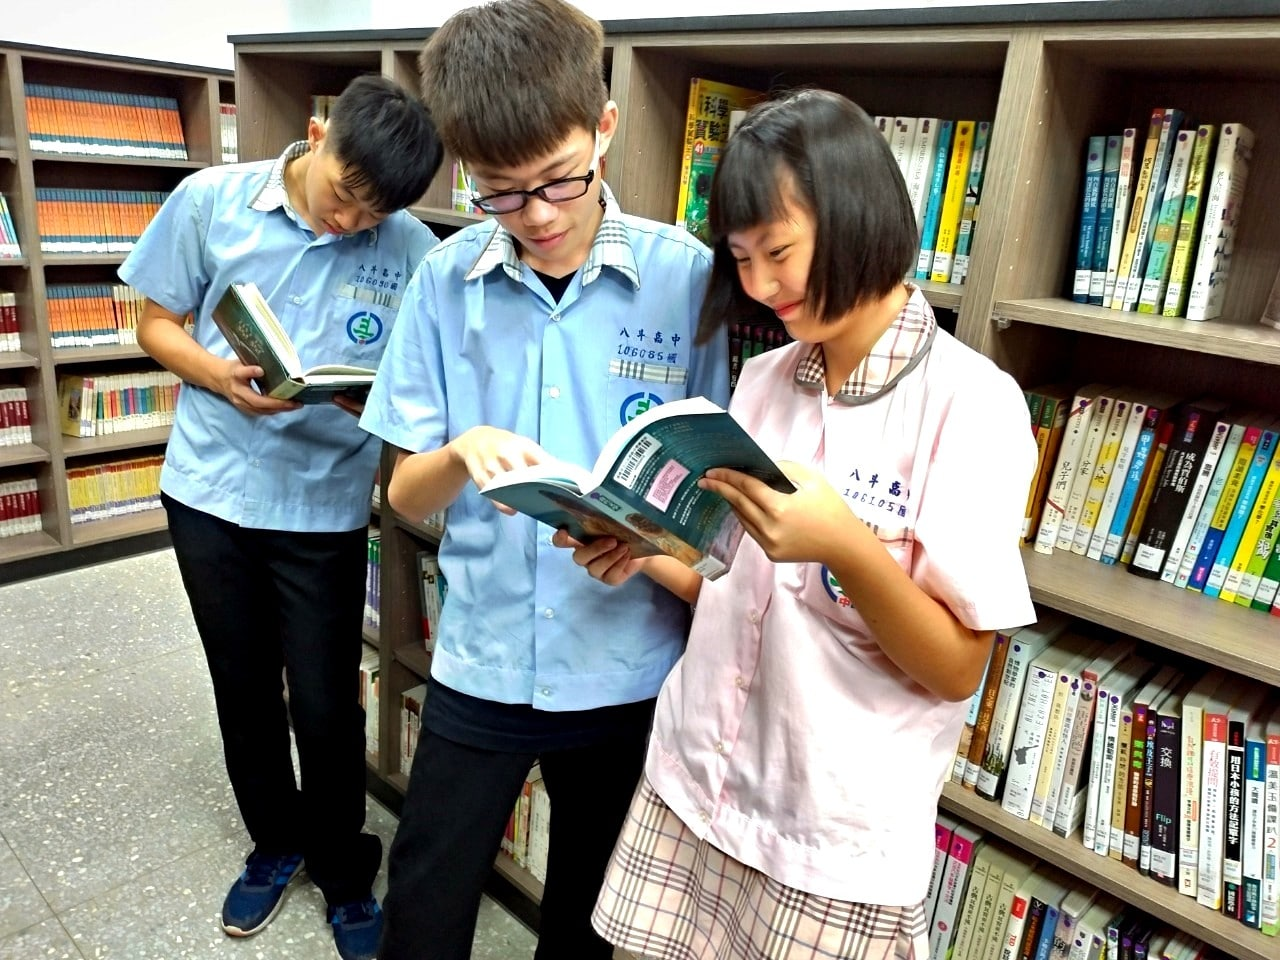 八斗高中學生們沈浸在歐德集團以環保健康綠建材打造的「幸福圖書館」,快樂閱讀。